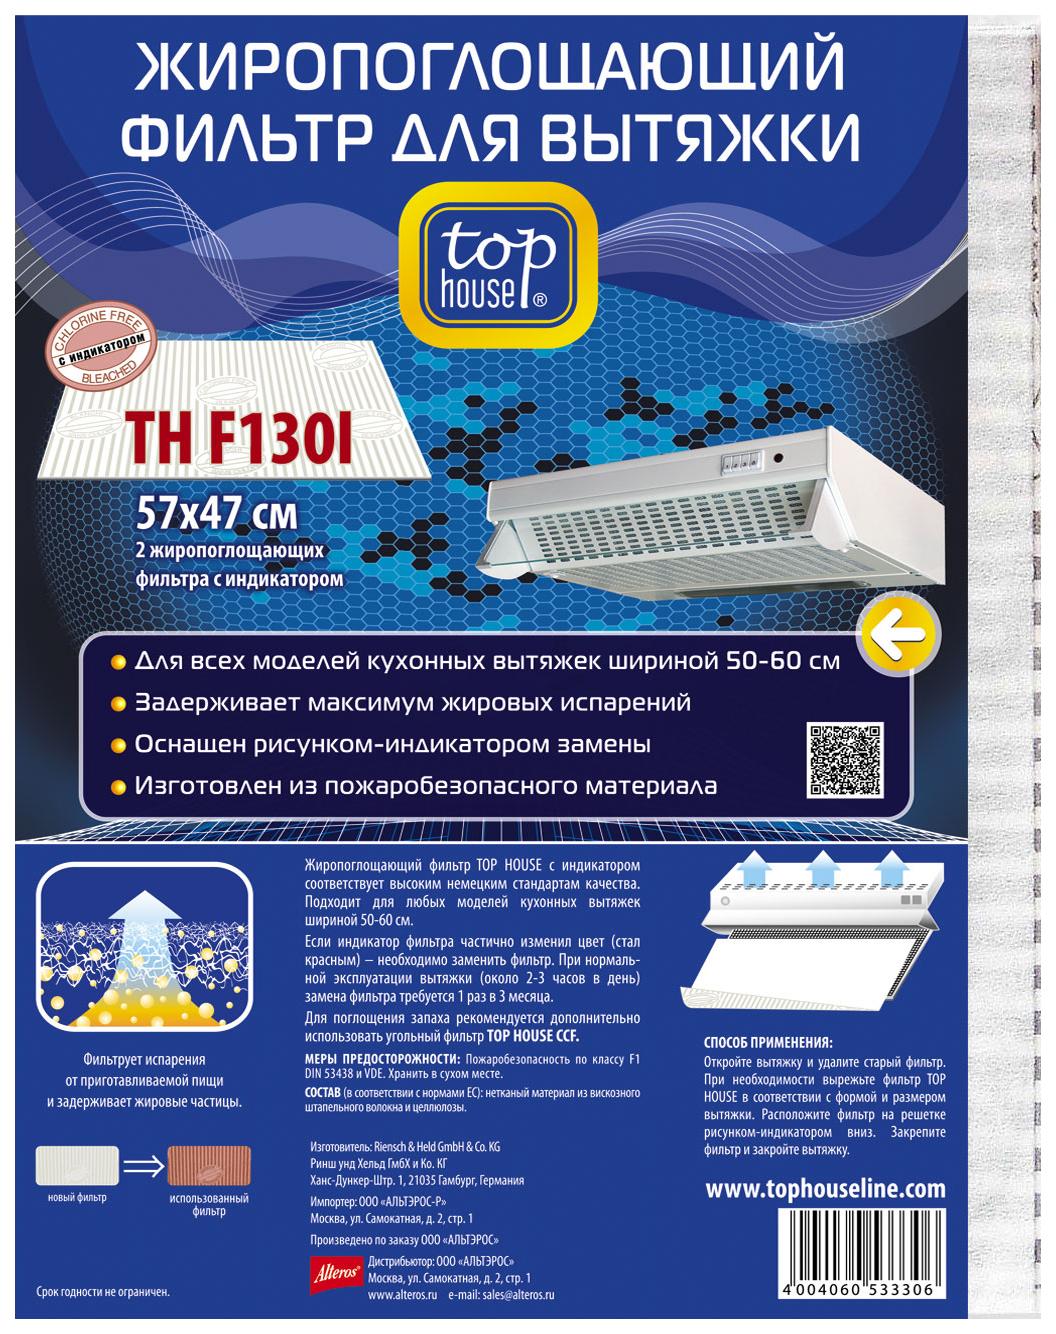 Универсальный фильтр для вытяжки Top House Жиропоглощающий TH F130I с индикатором 57x47 см